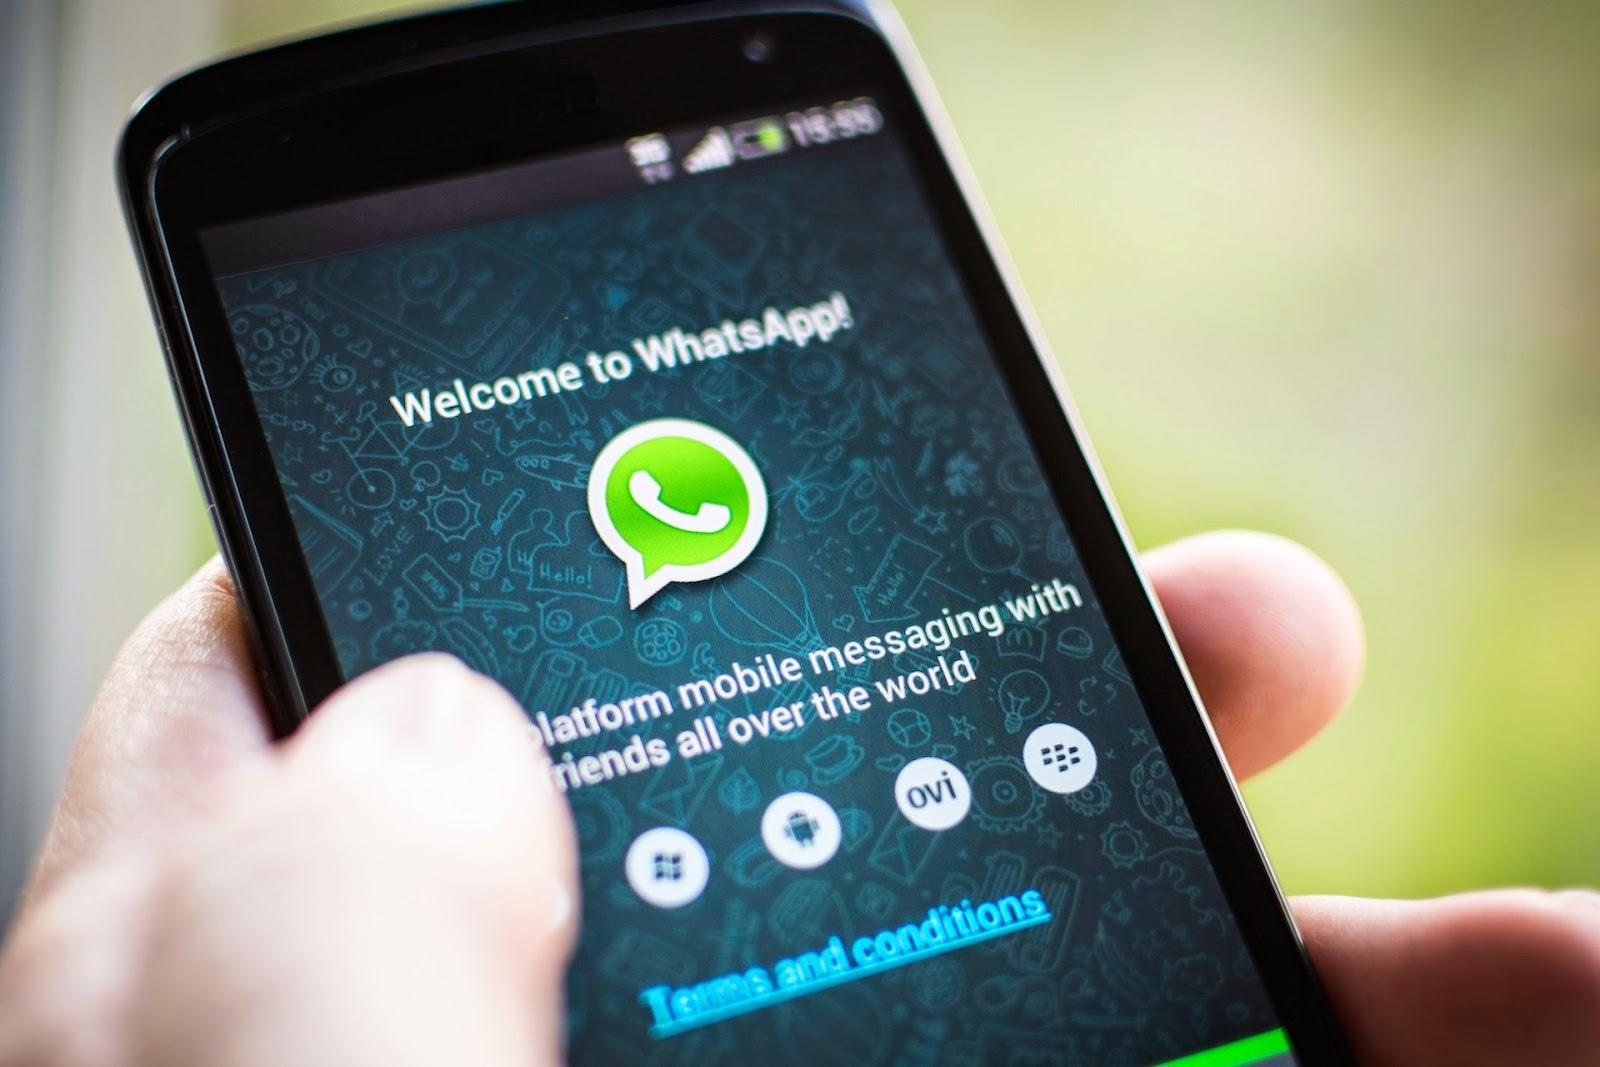 Cara teknik mata - mata di Whatsapp www.imron22.com mematikan last seen di whatsapp